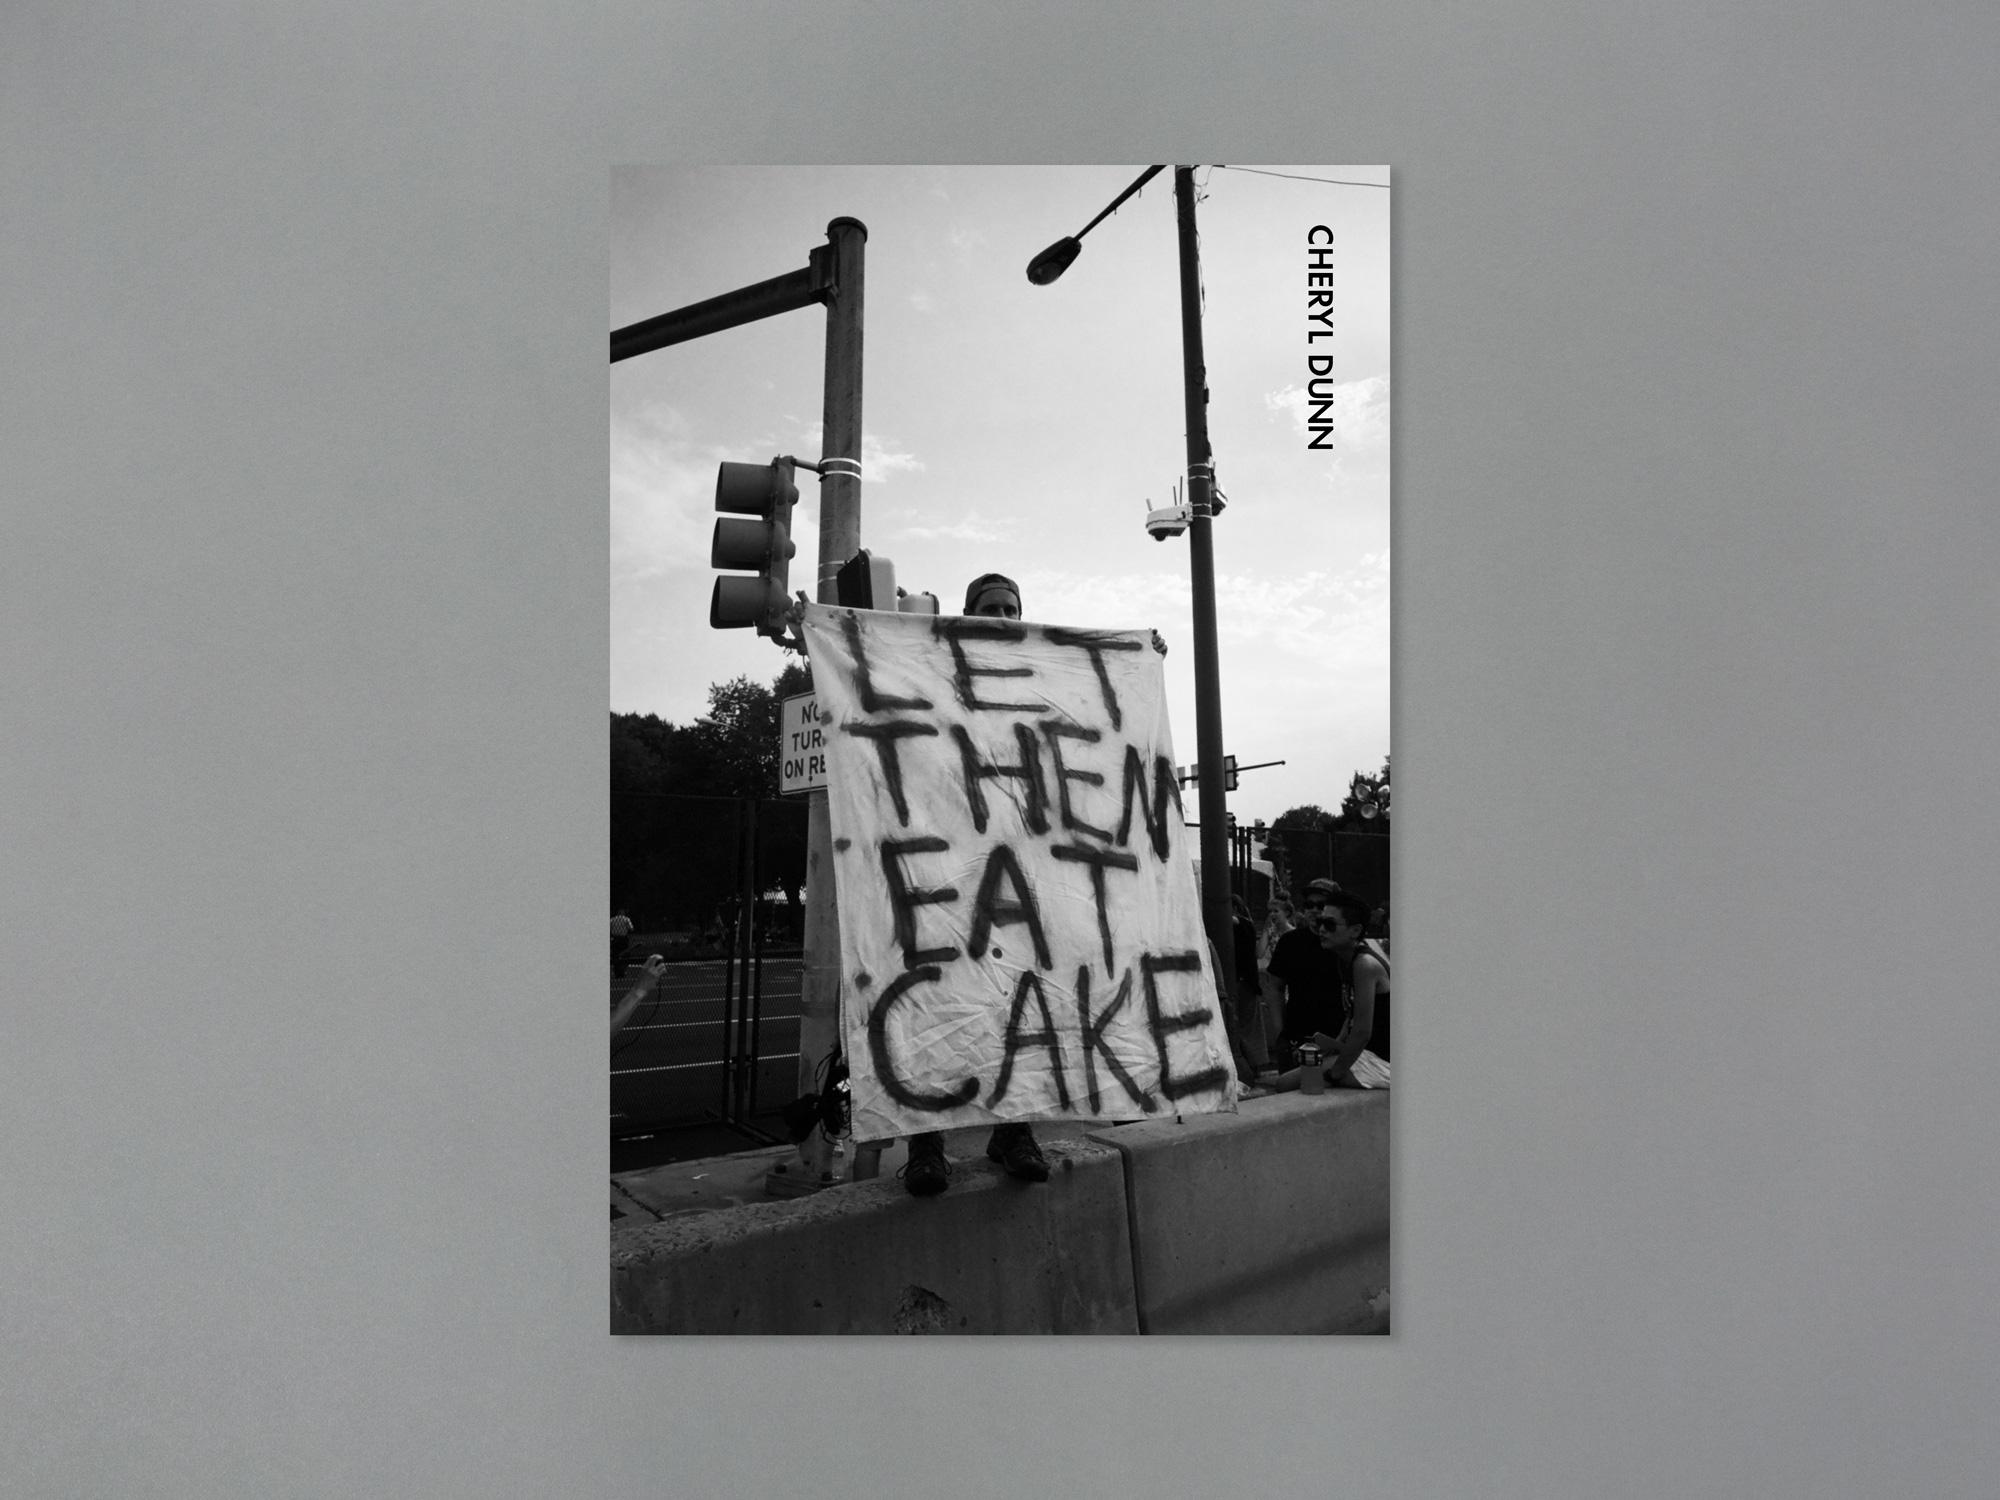 cheryl-dunn-let-them-eat-cake